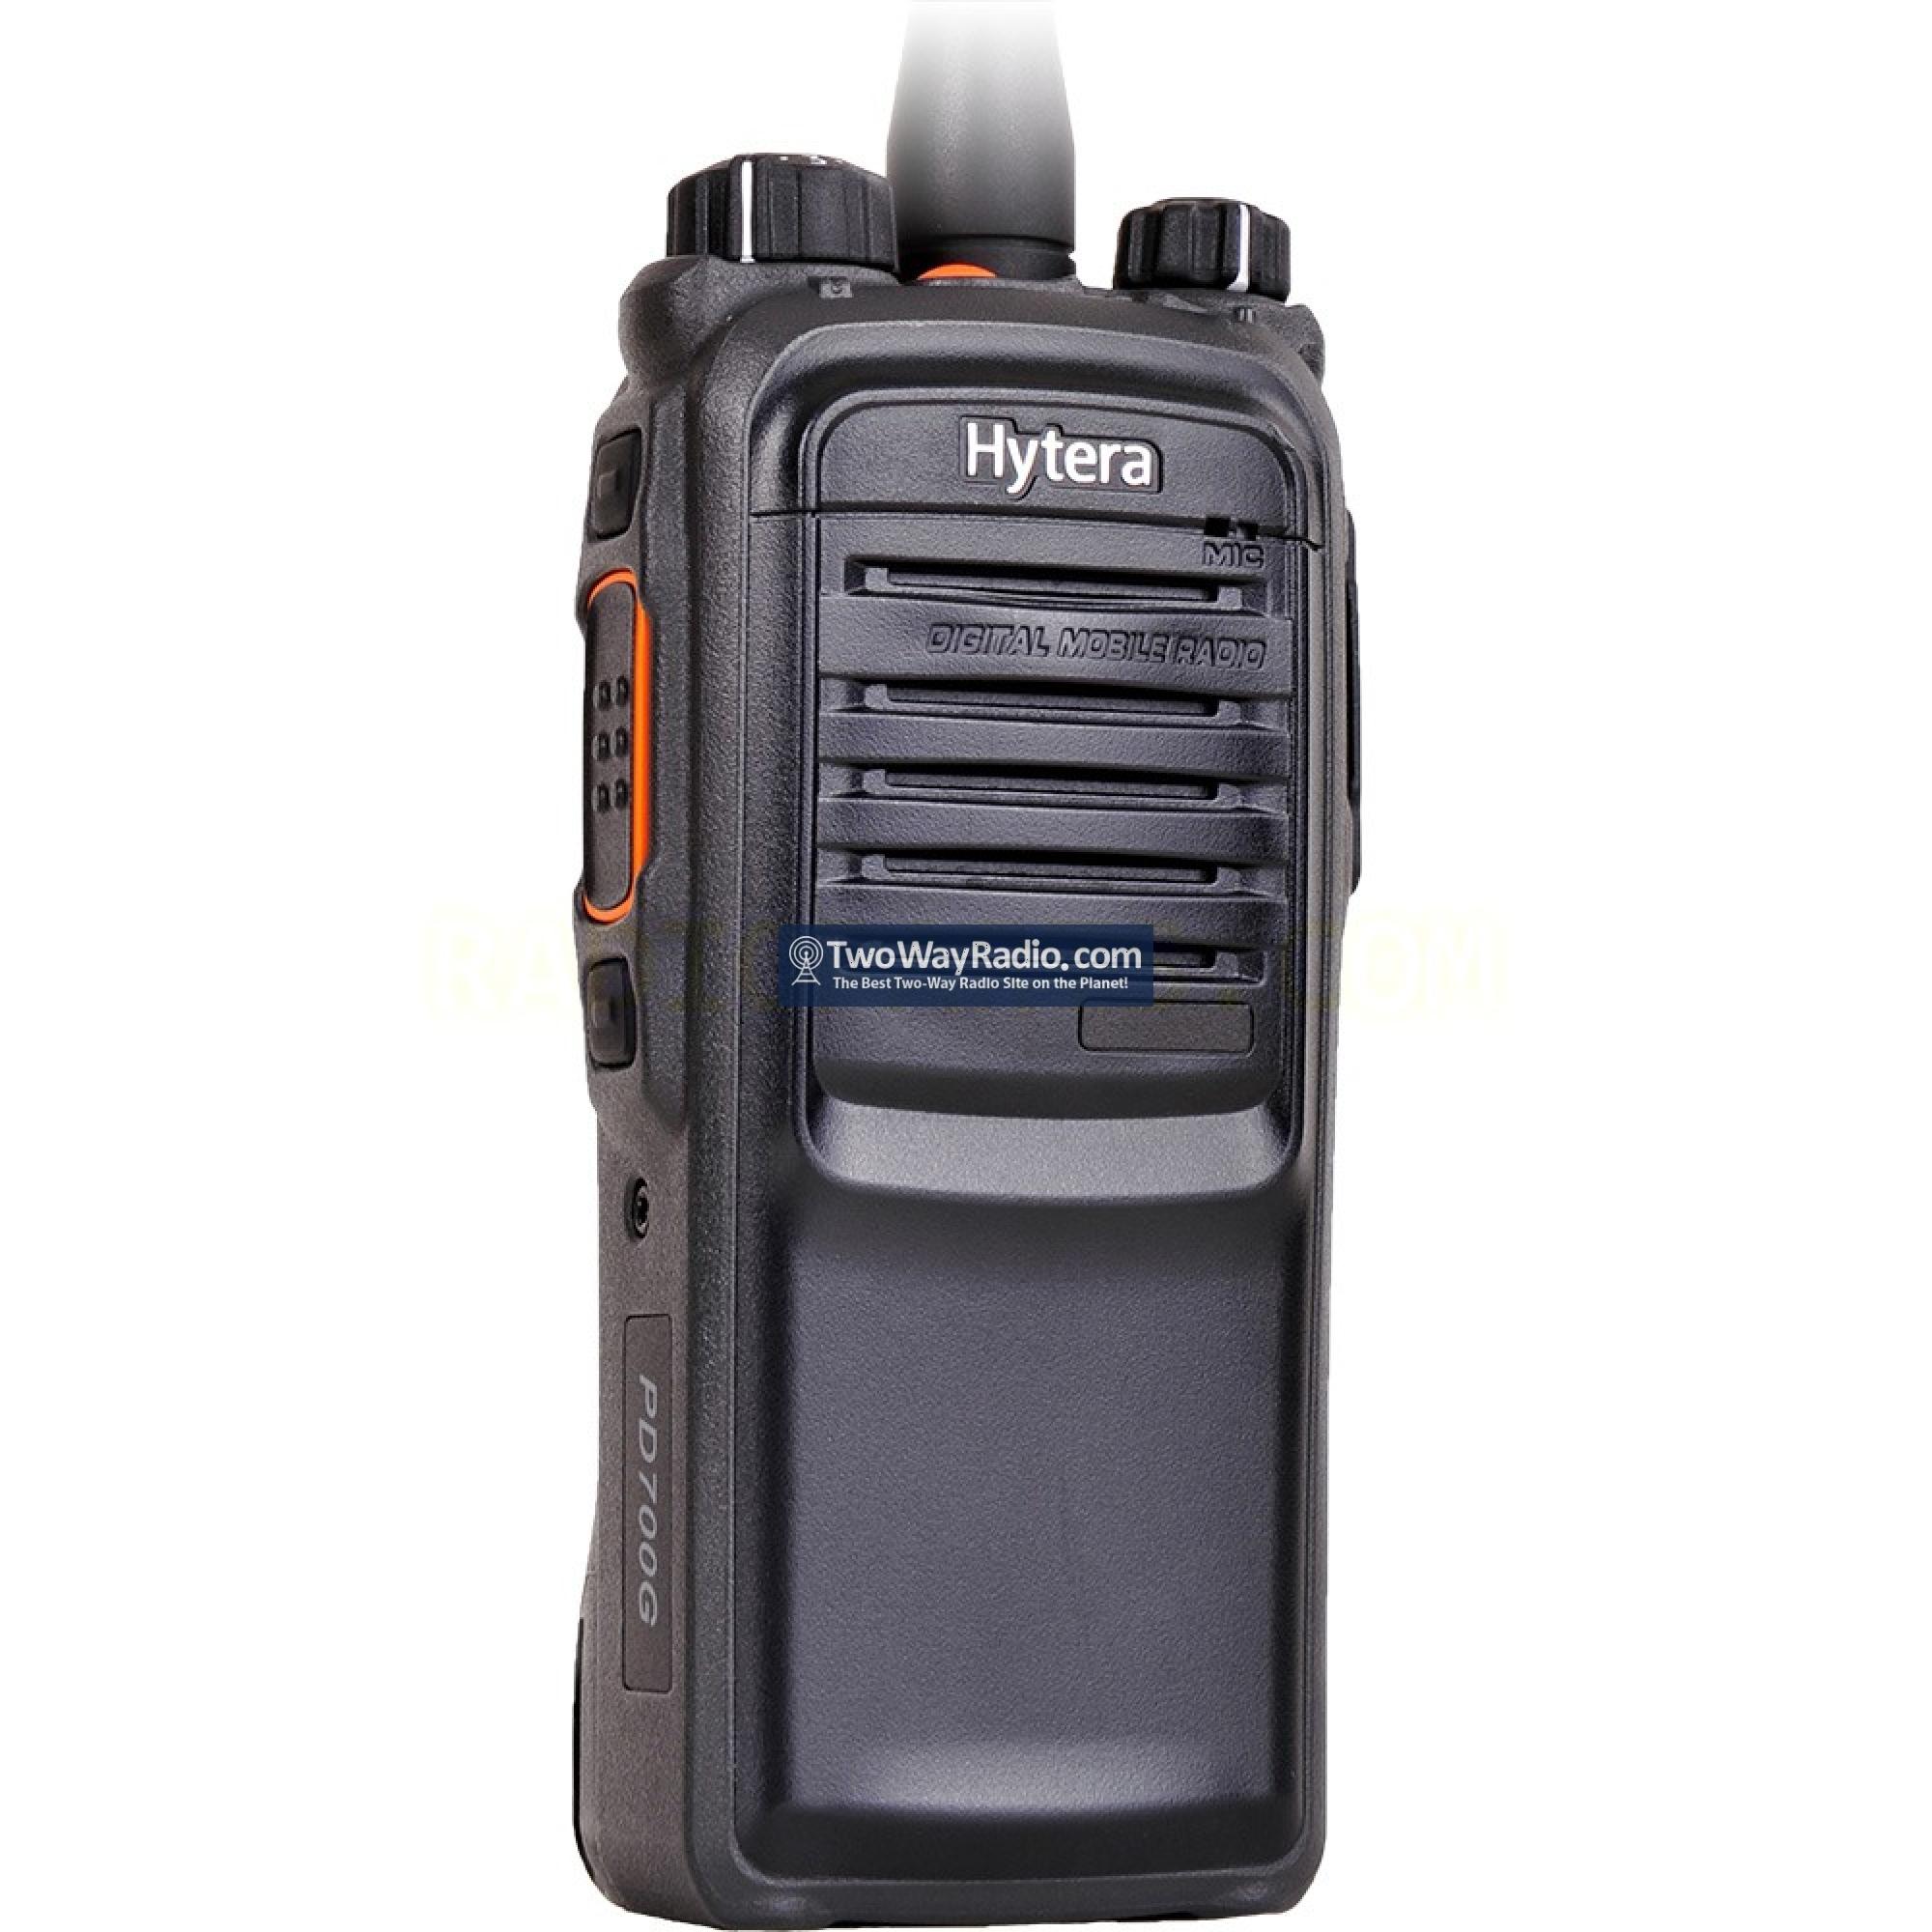 Hytera Pd782g Manual